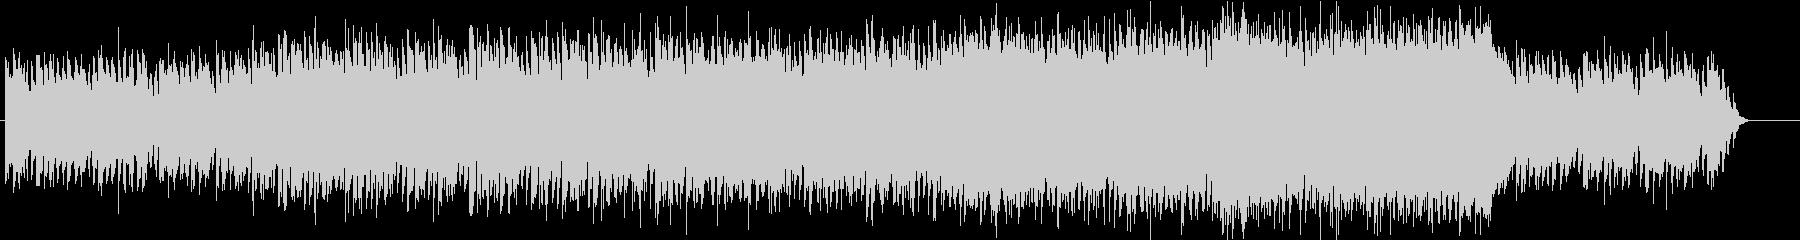 ケルト調ファンタジーオーケストラ・三拍子の未再生の波形